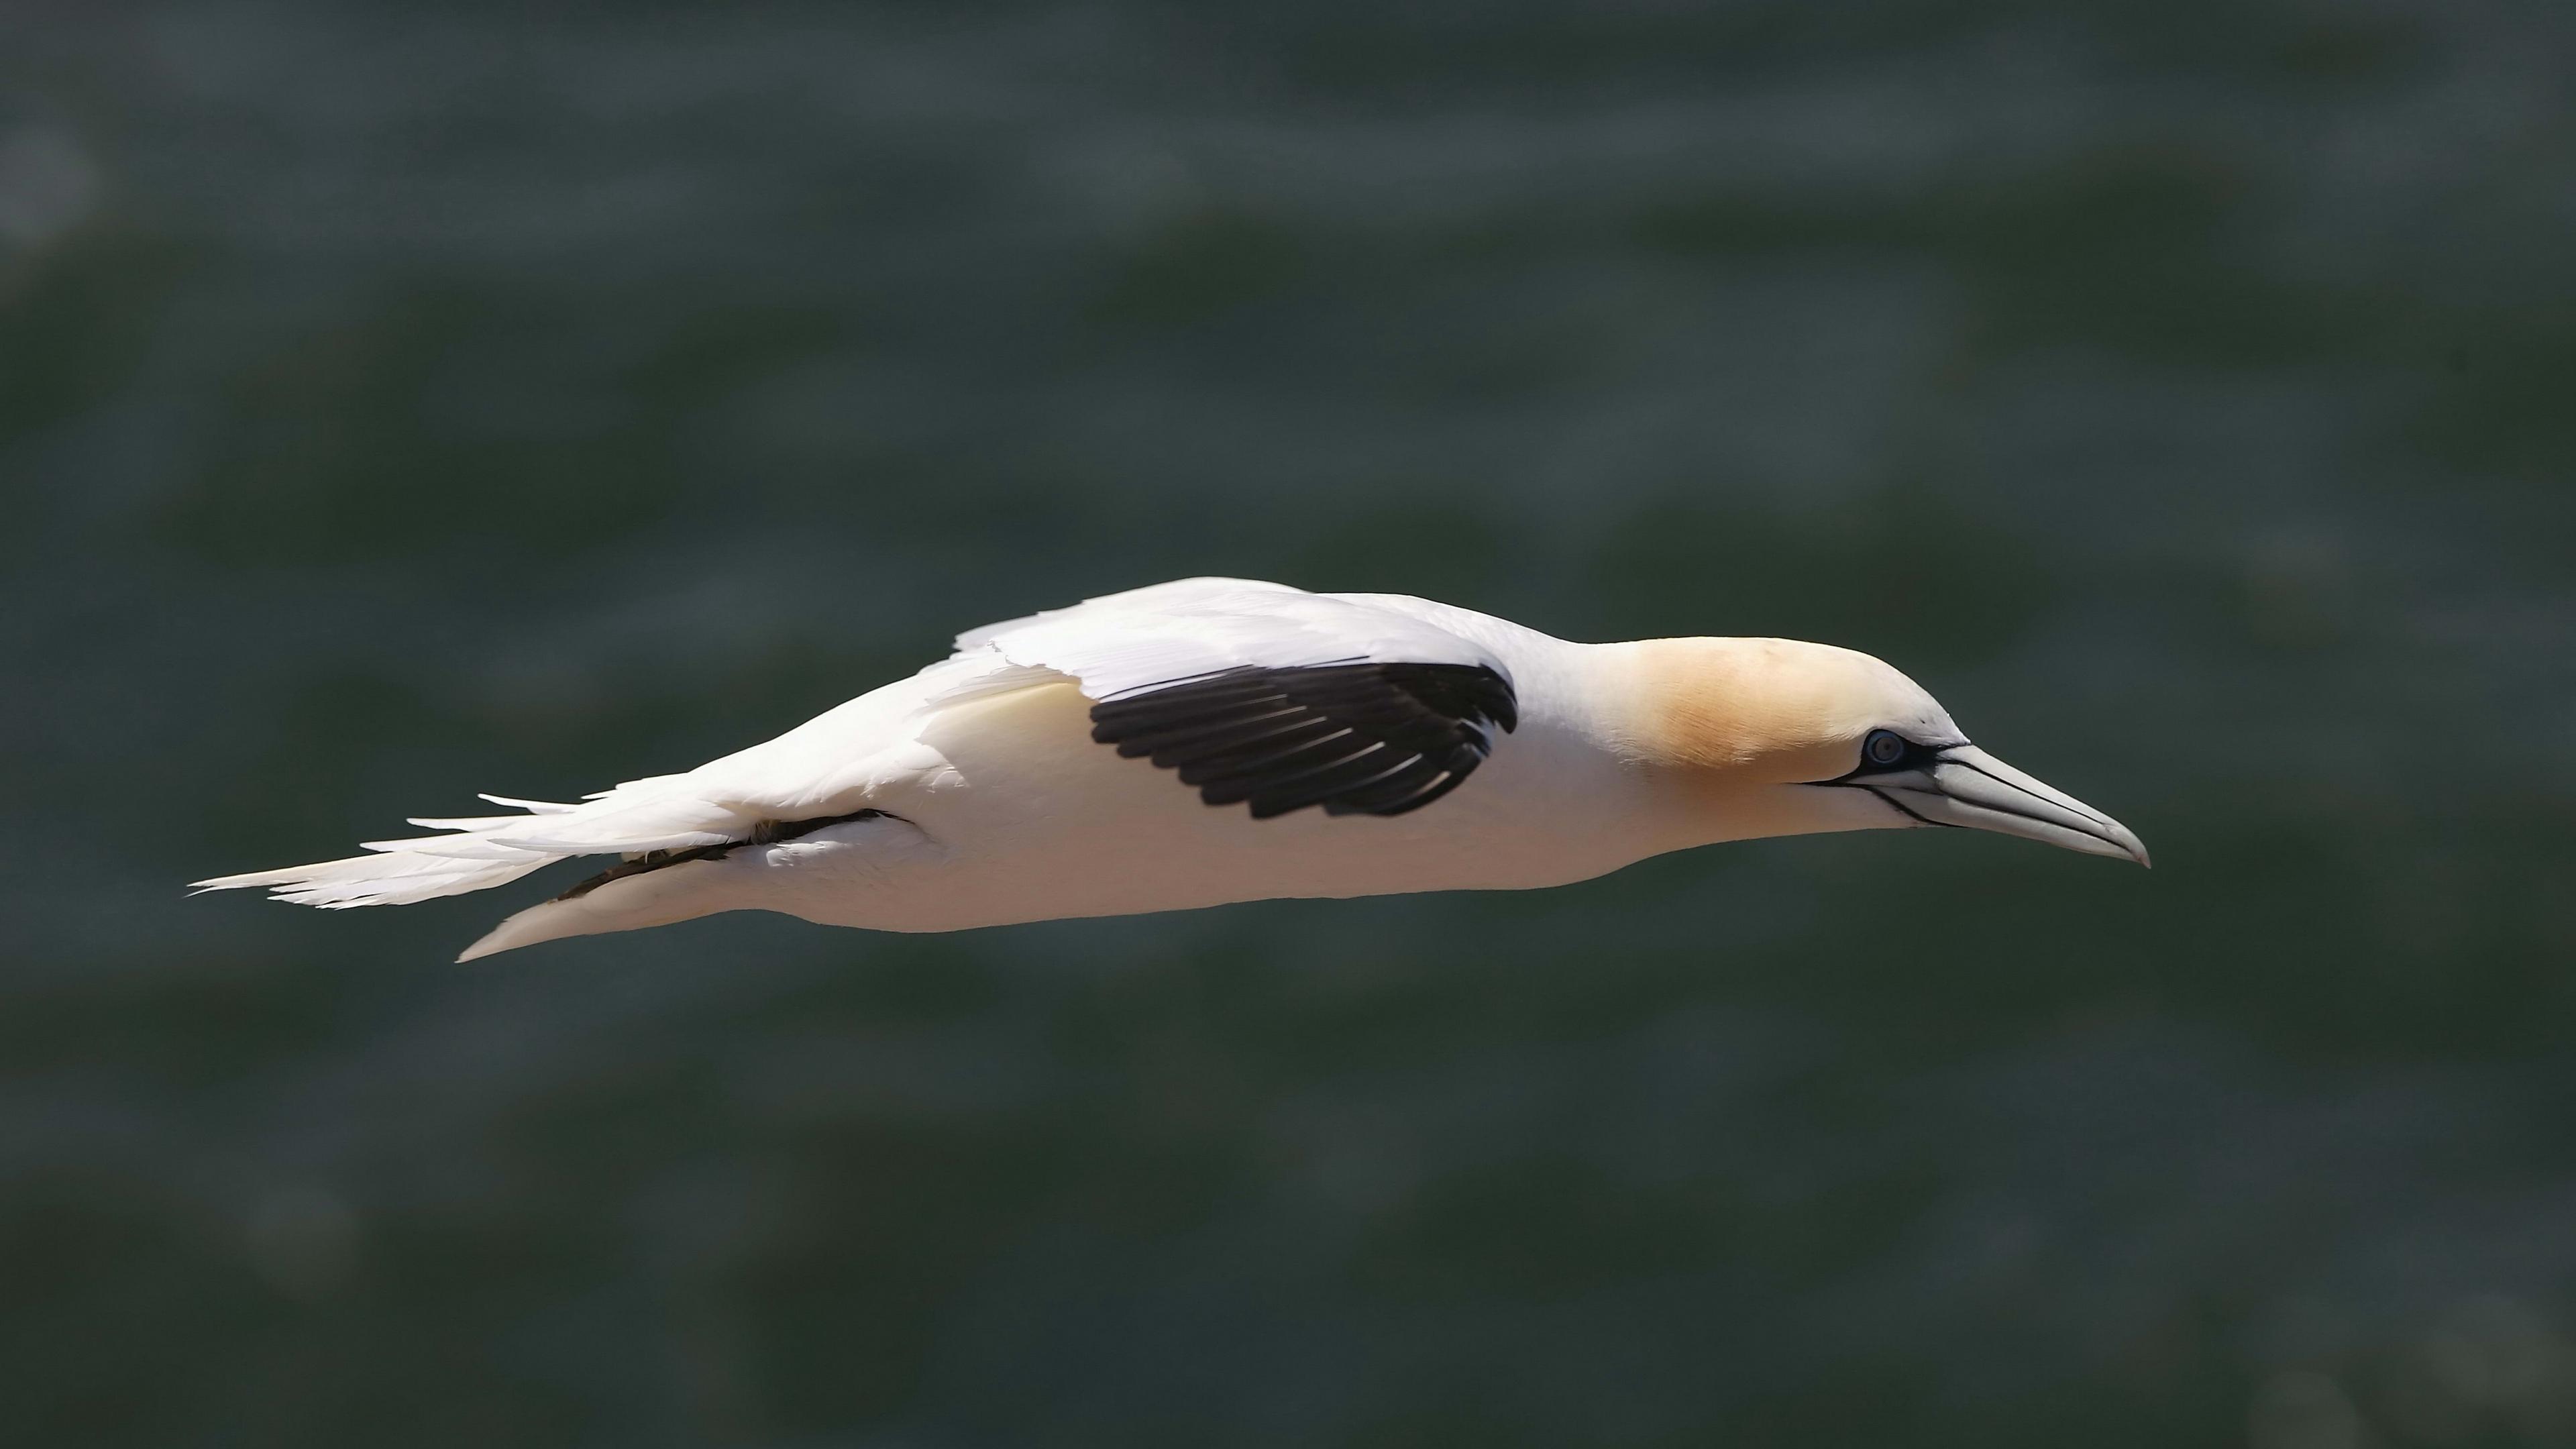 bird prey boom flight 4k 1542242124 - bird, prey, boom, flight 4k - prey, boom, Bird